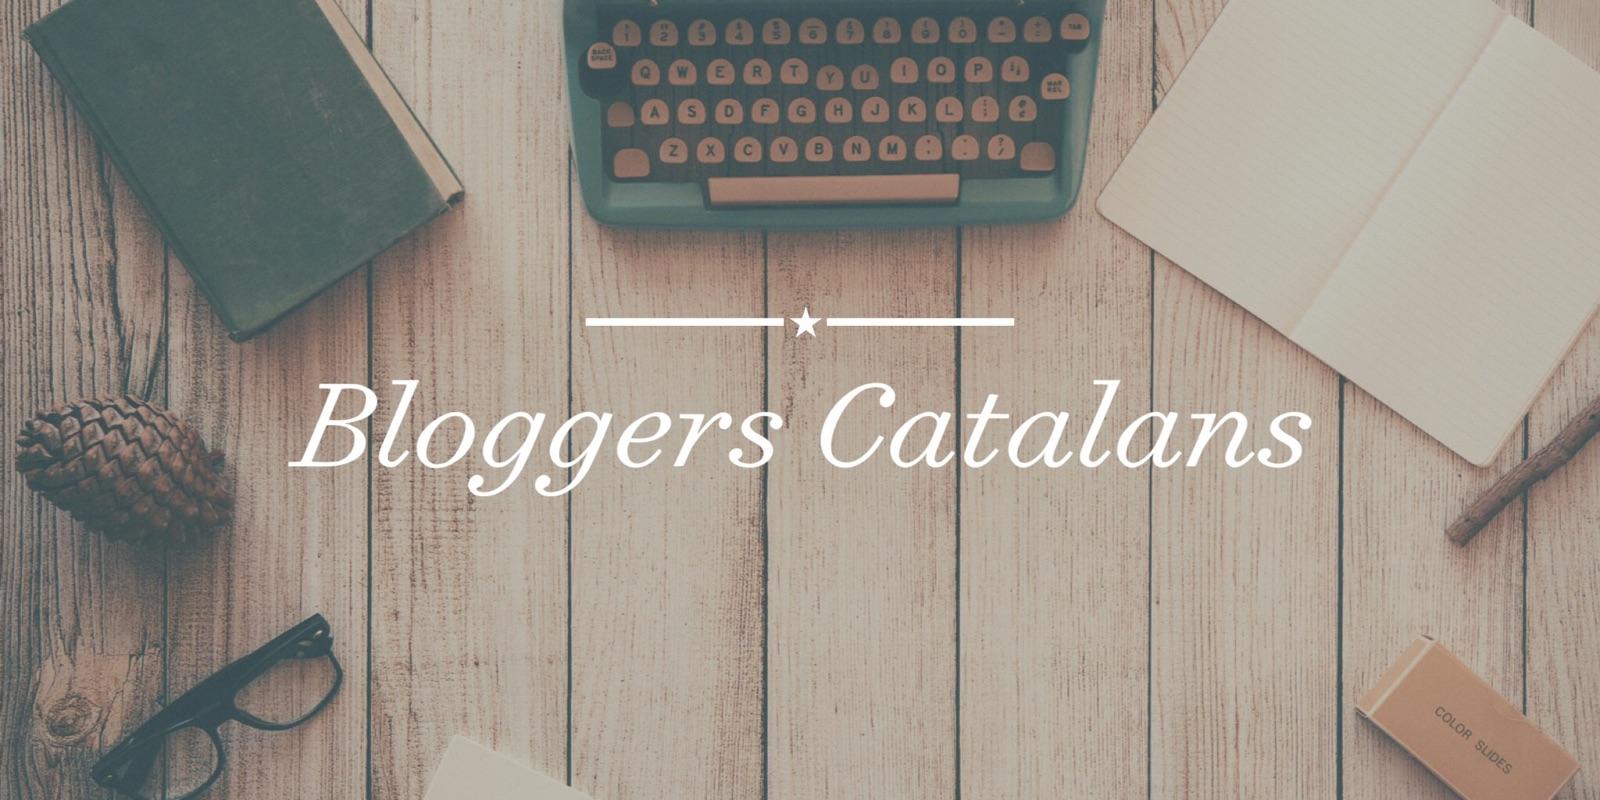 http://labibliotecadebella.blogspot.com.es/2015/03/hoooolahoy-traigo-una-entrada-un-poco.html